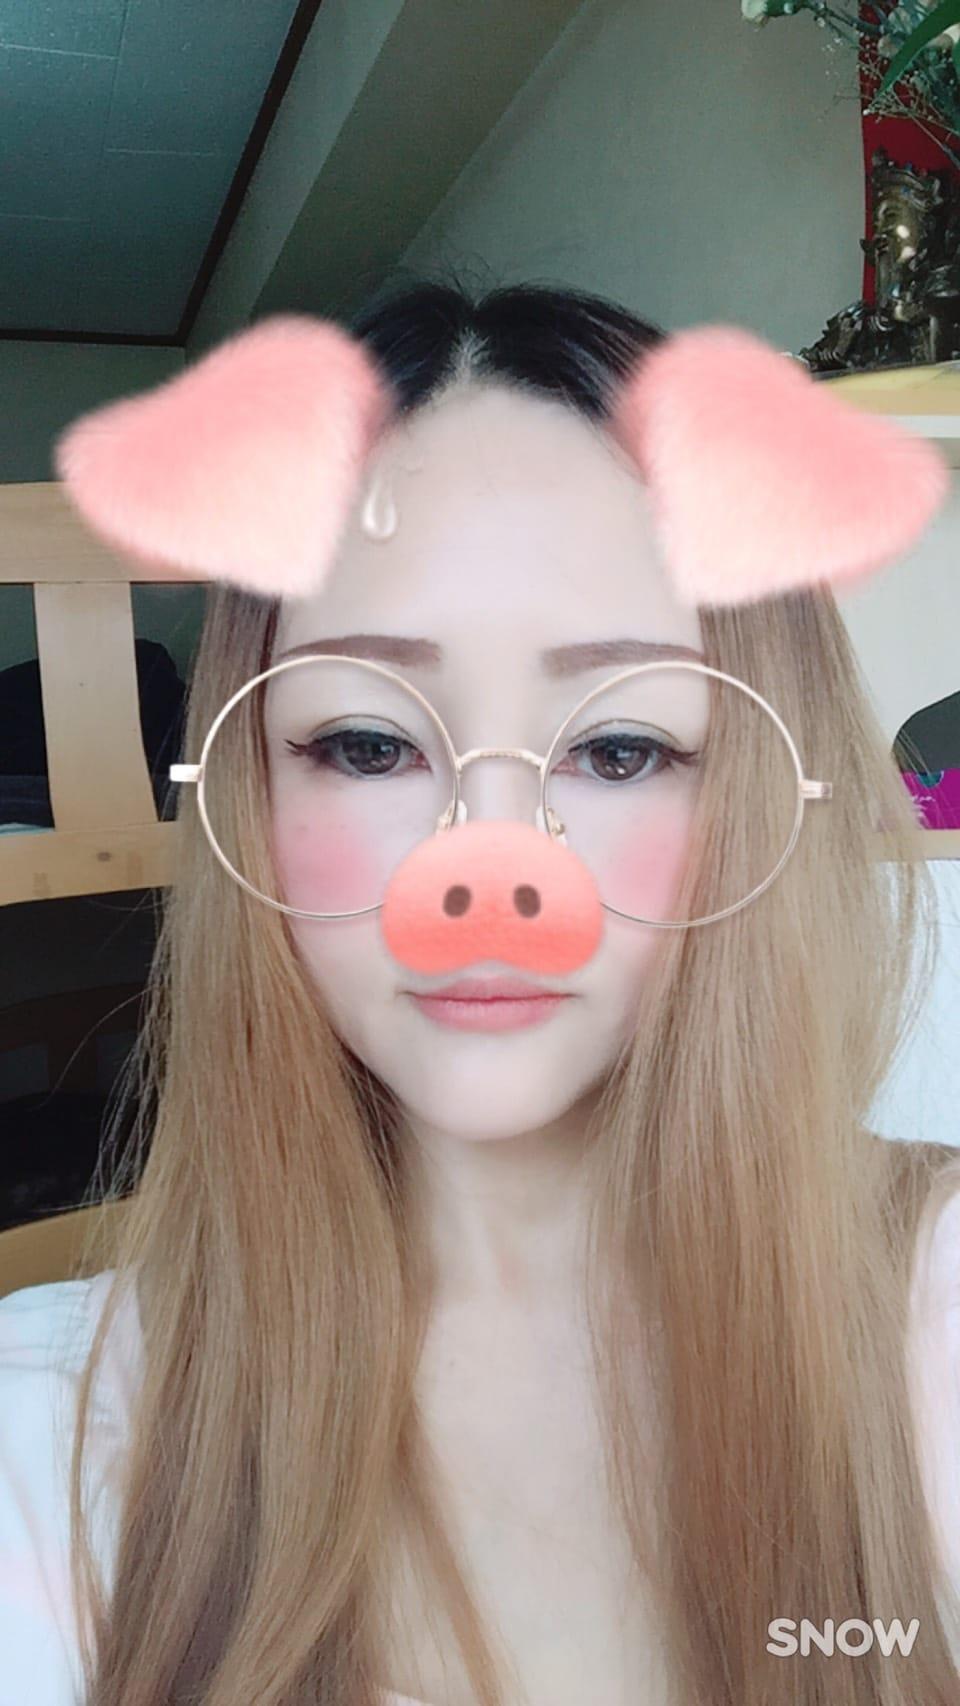 ユイ「こんばんわ(*ˊ˘ˋ*)」08/23(木) 19:32   ユイの写メ・風俗動画